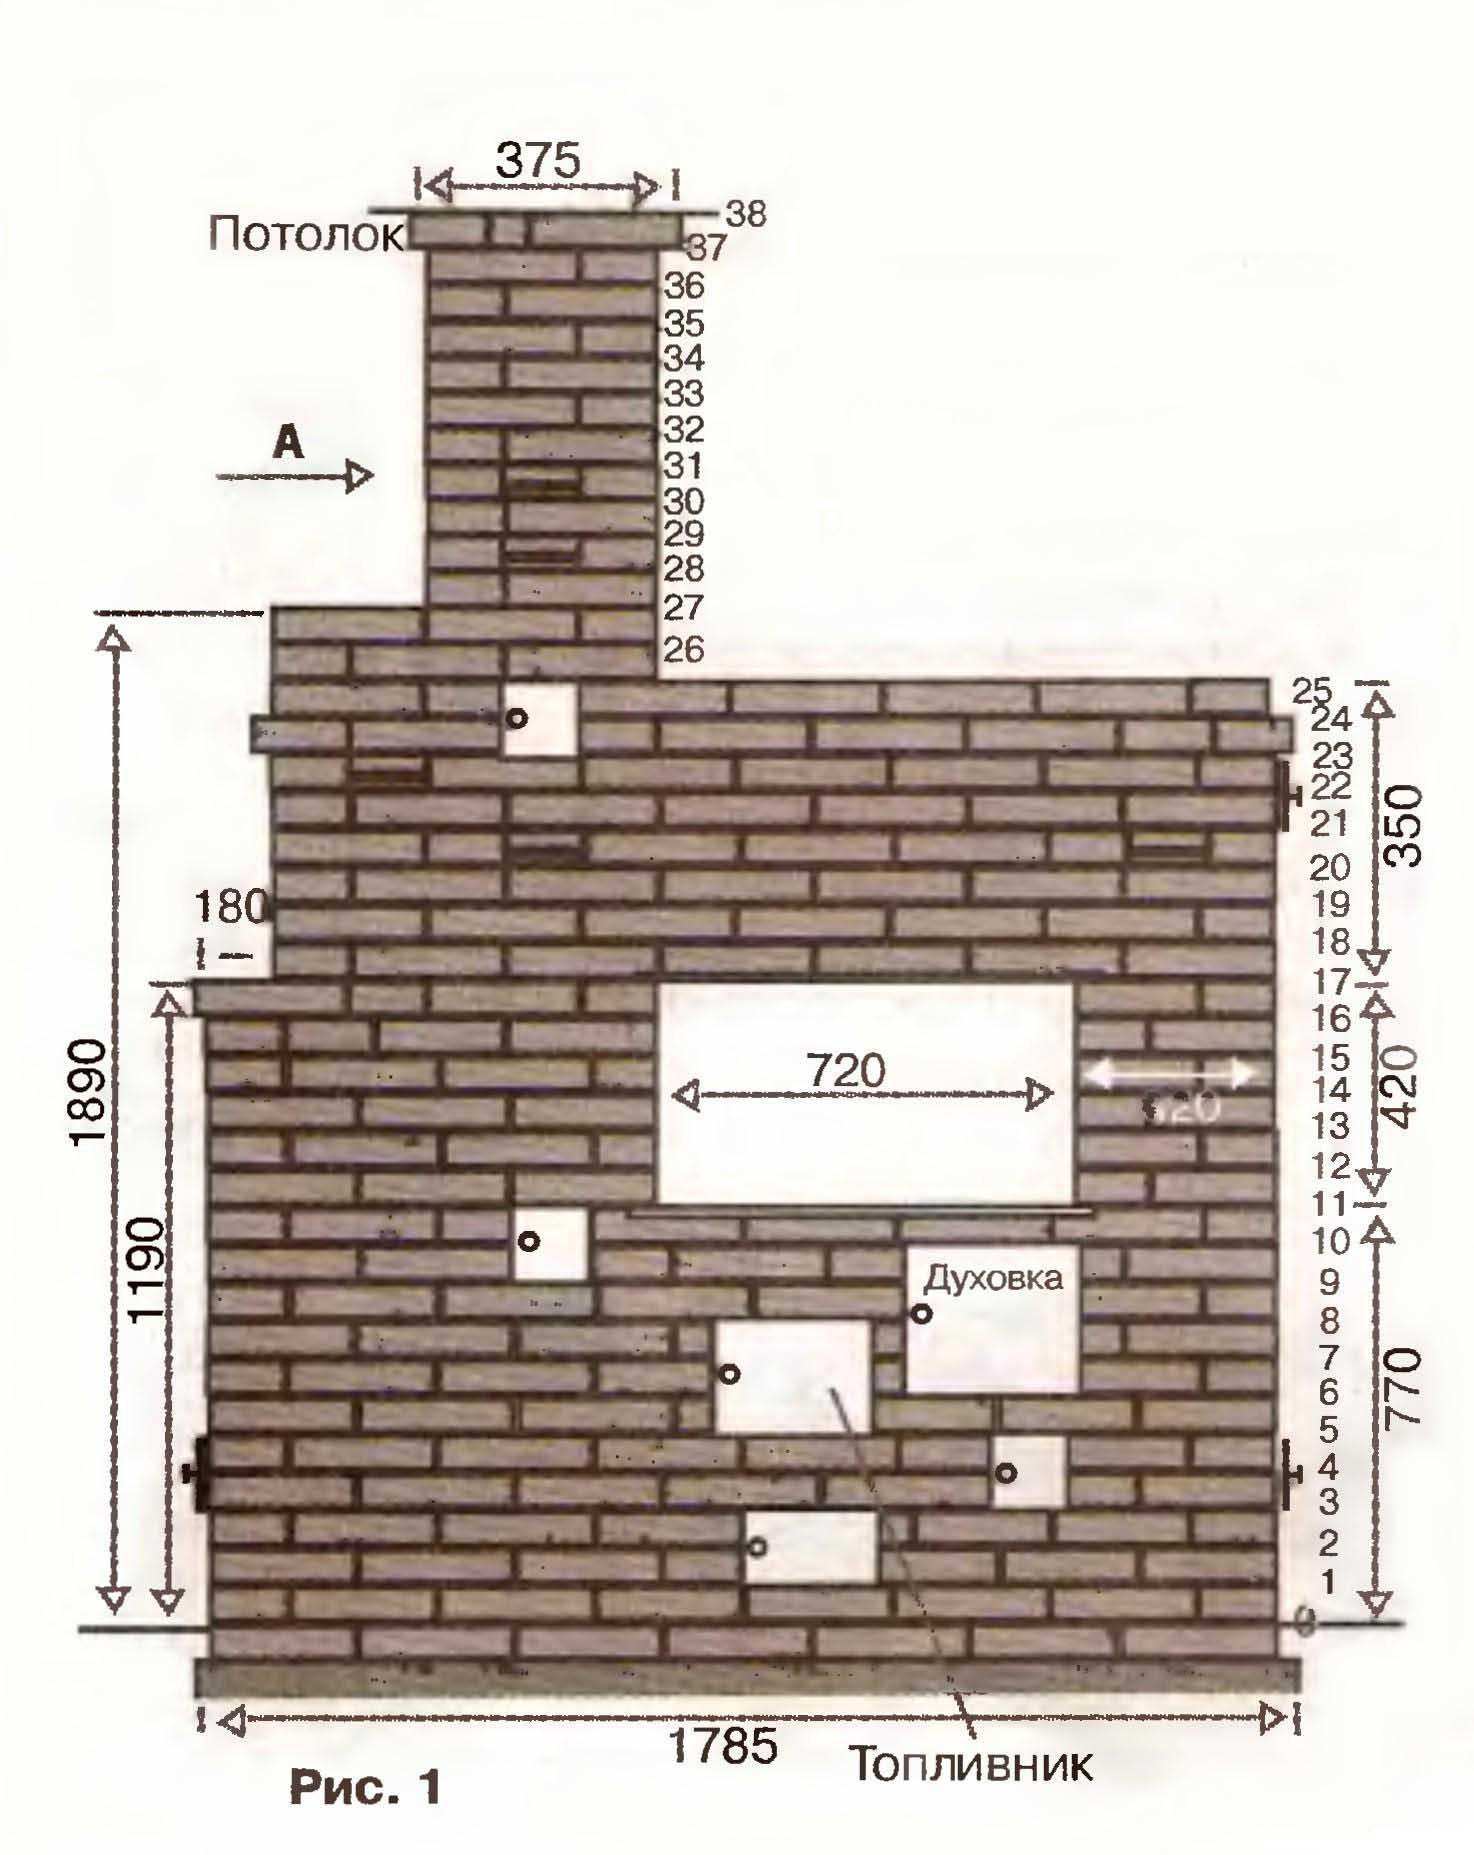 Схема отопительно-варочной печи с размерами